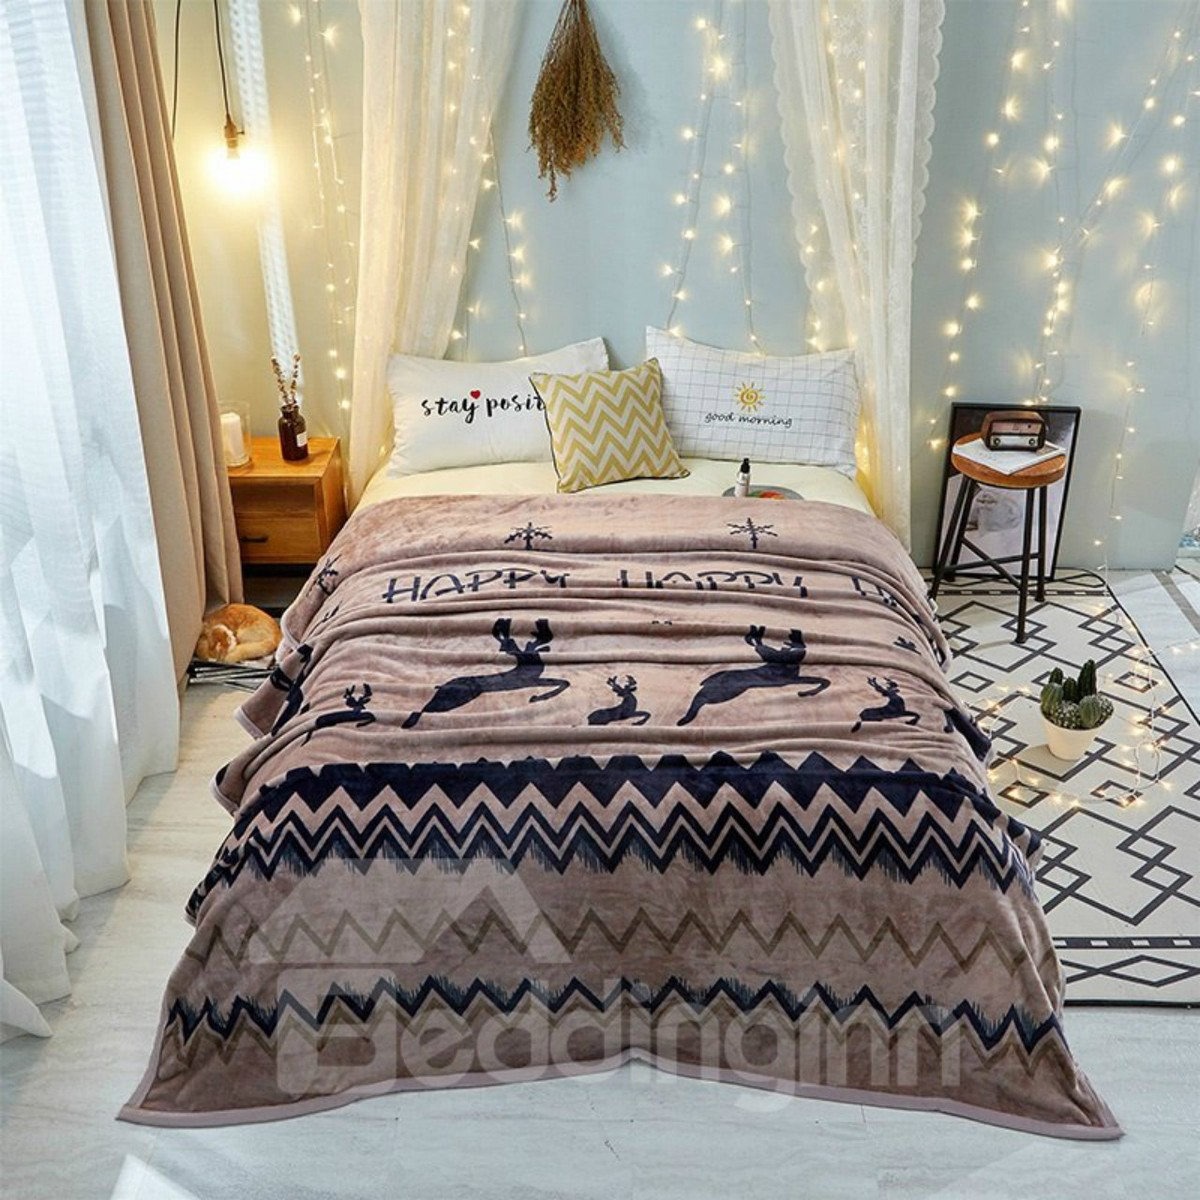 Moose Series-Special Wave Design For Bed Flannel Blanket